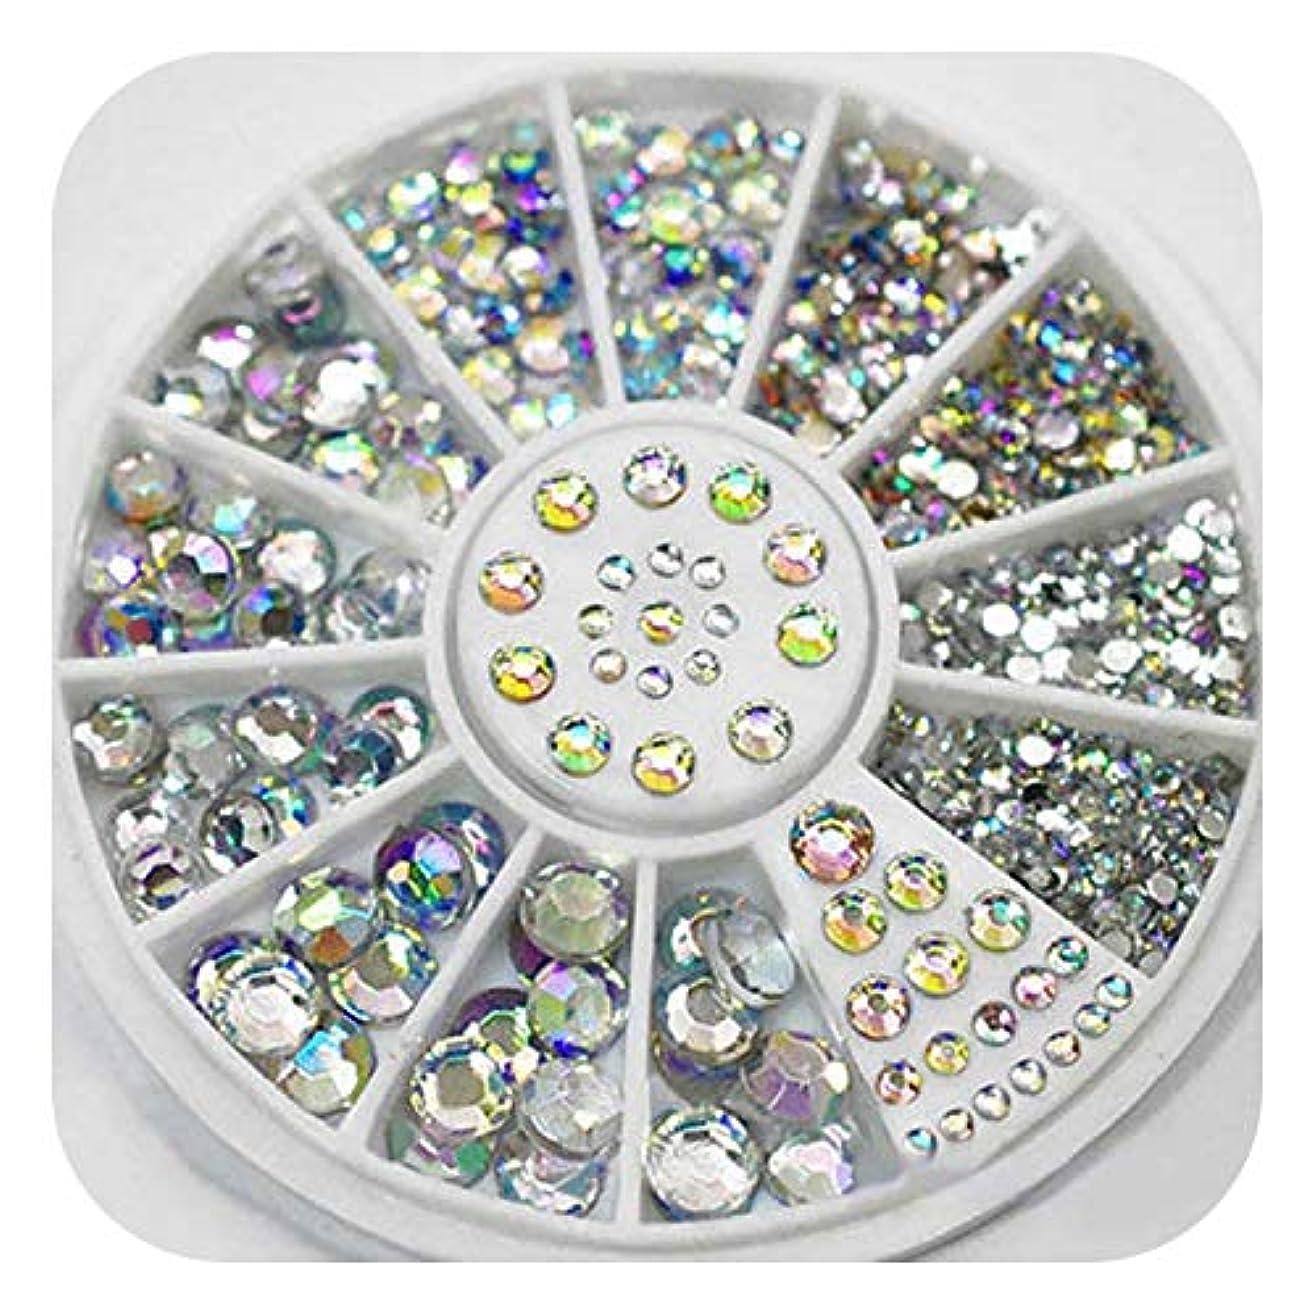 平等換気する魅力的ダイヤモンドのまばゆいばかりのヒントネイルステッカースパンコールカラークリスタルパッチネイルアート,United States